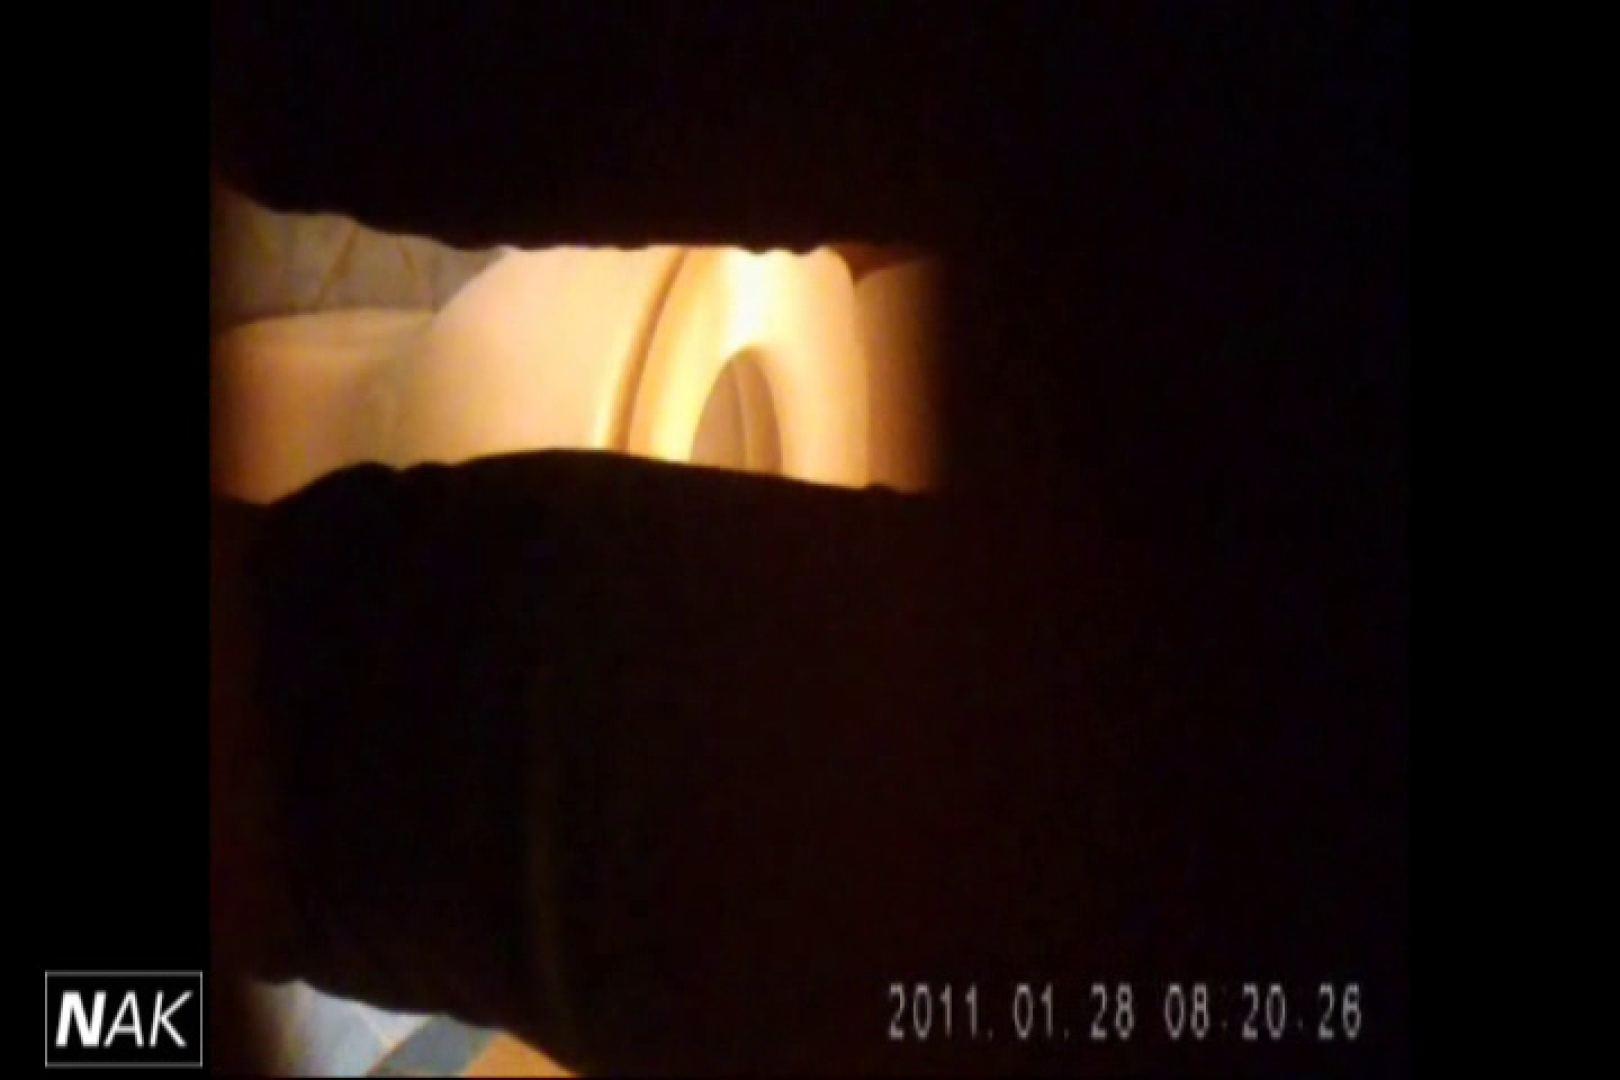 せん八さんの厠観察日記!2点監視カメラ 高画質5000K vol.15 高画質 盗撮AV動画キャプチャ 89画像 39